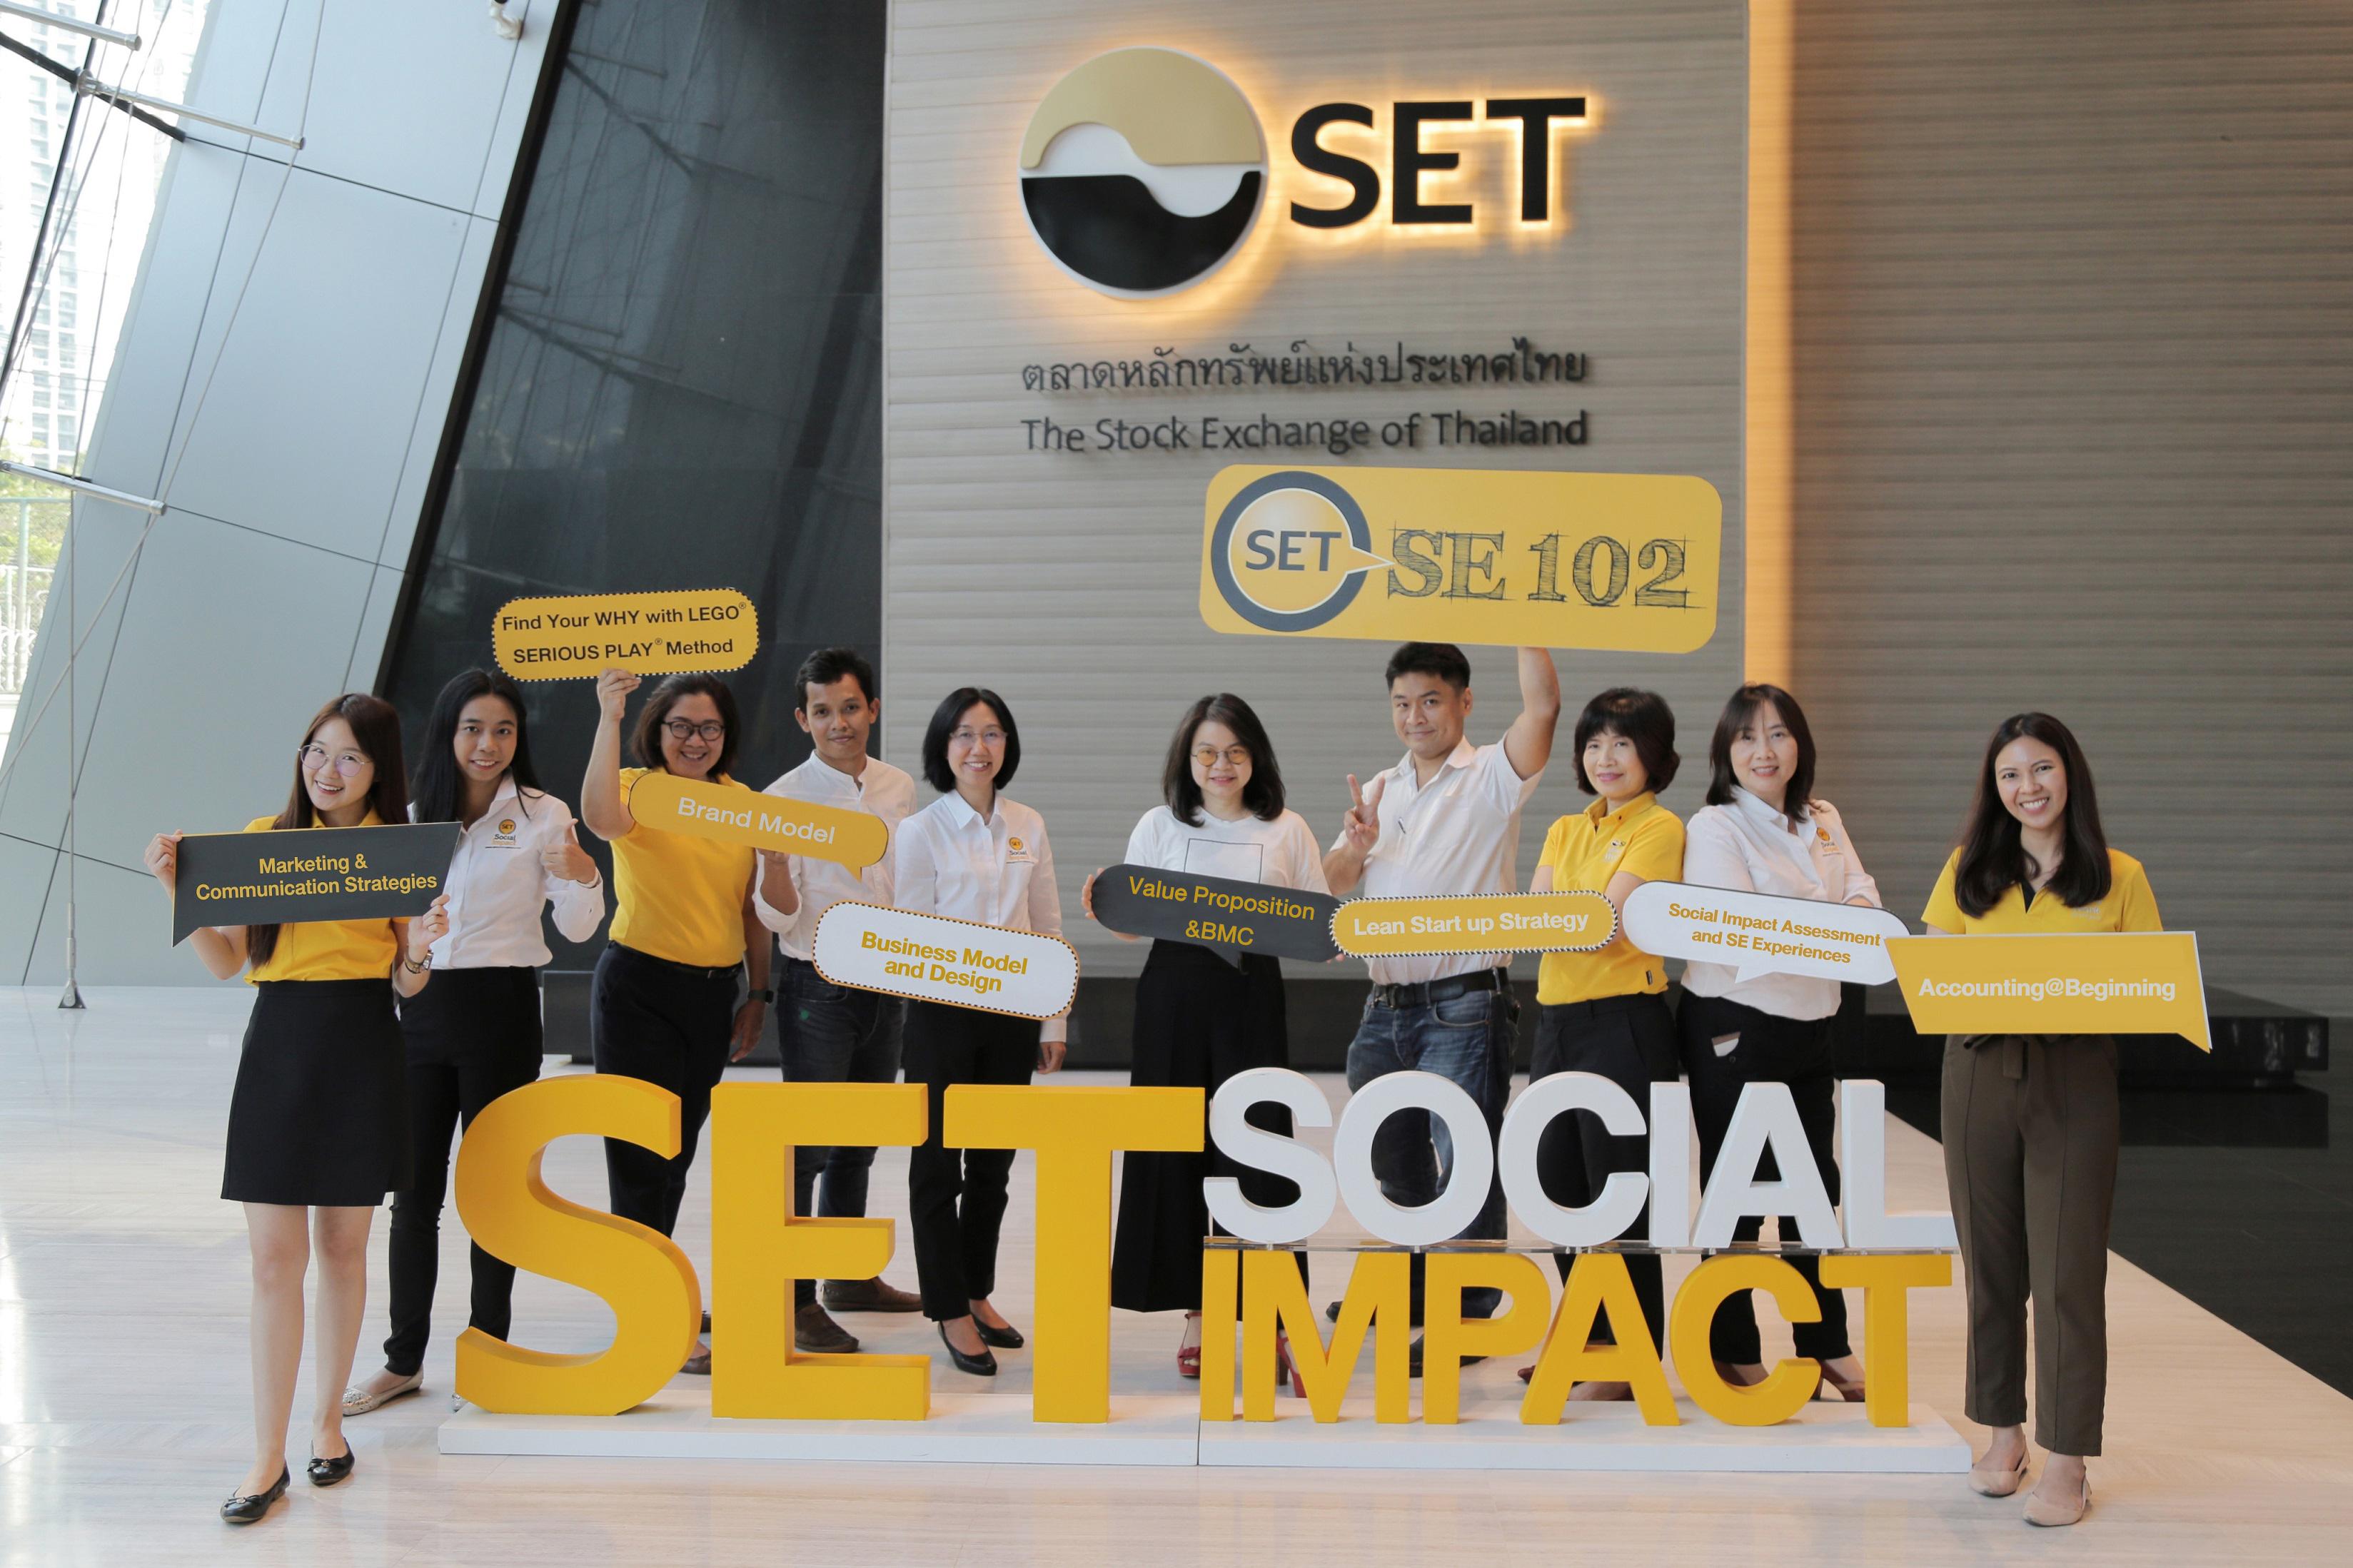 SET SE102 หลักสูตรพัฒนาศักยภาพผู้ประกอบการเพื่อสังคม เปิดรับสมัครแล้ววันนี้